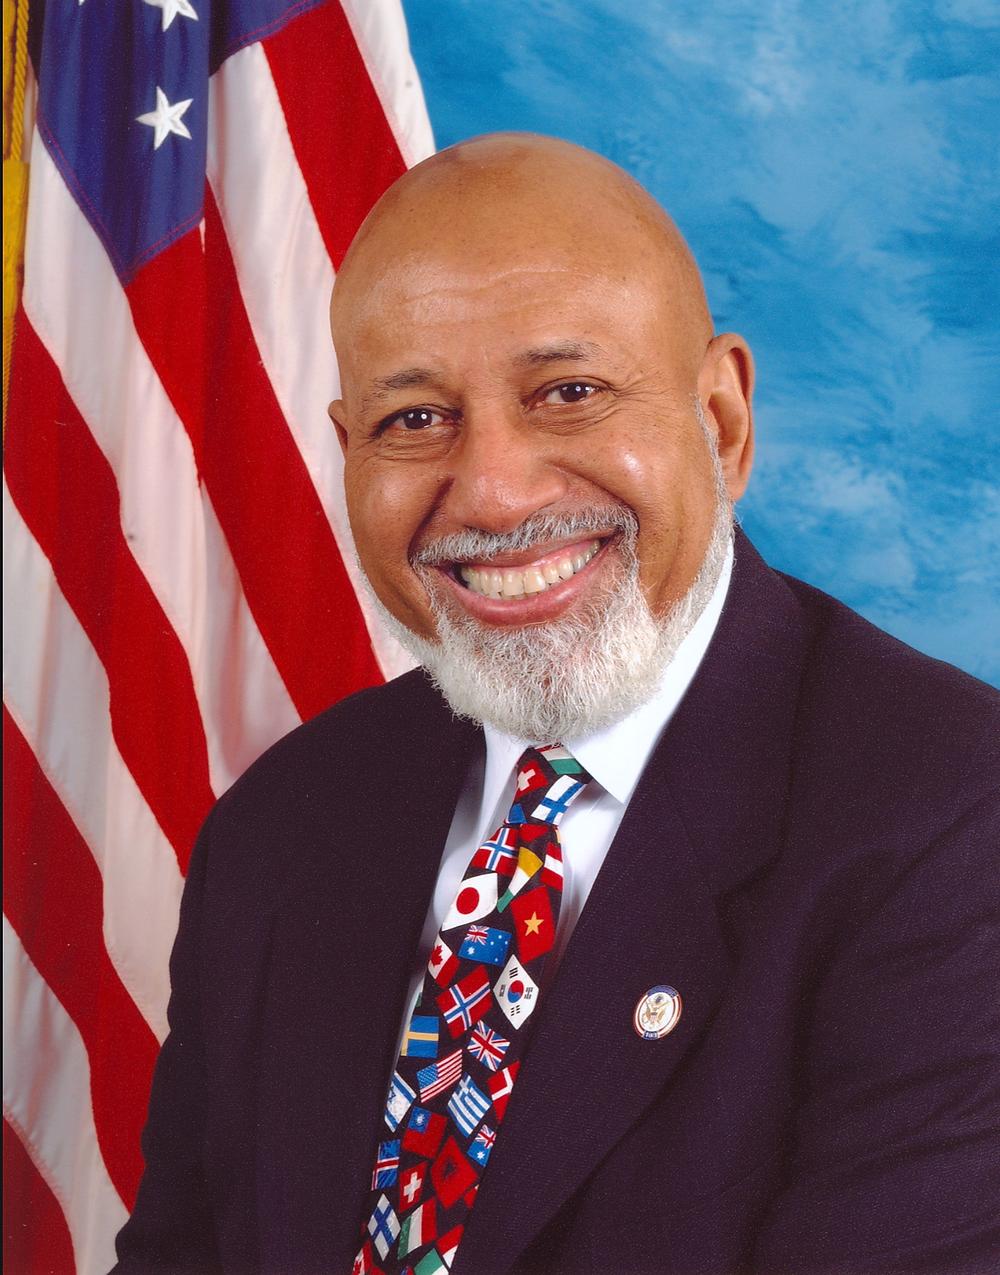 Hon. U.S. Representative Alcee Hastings